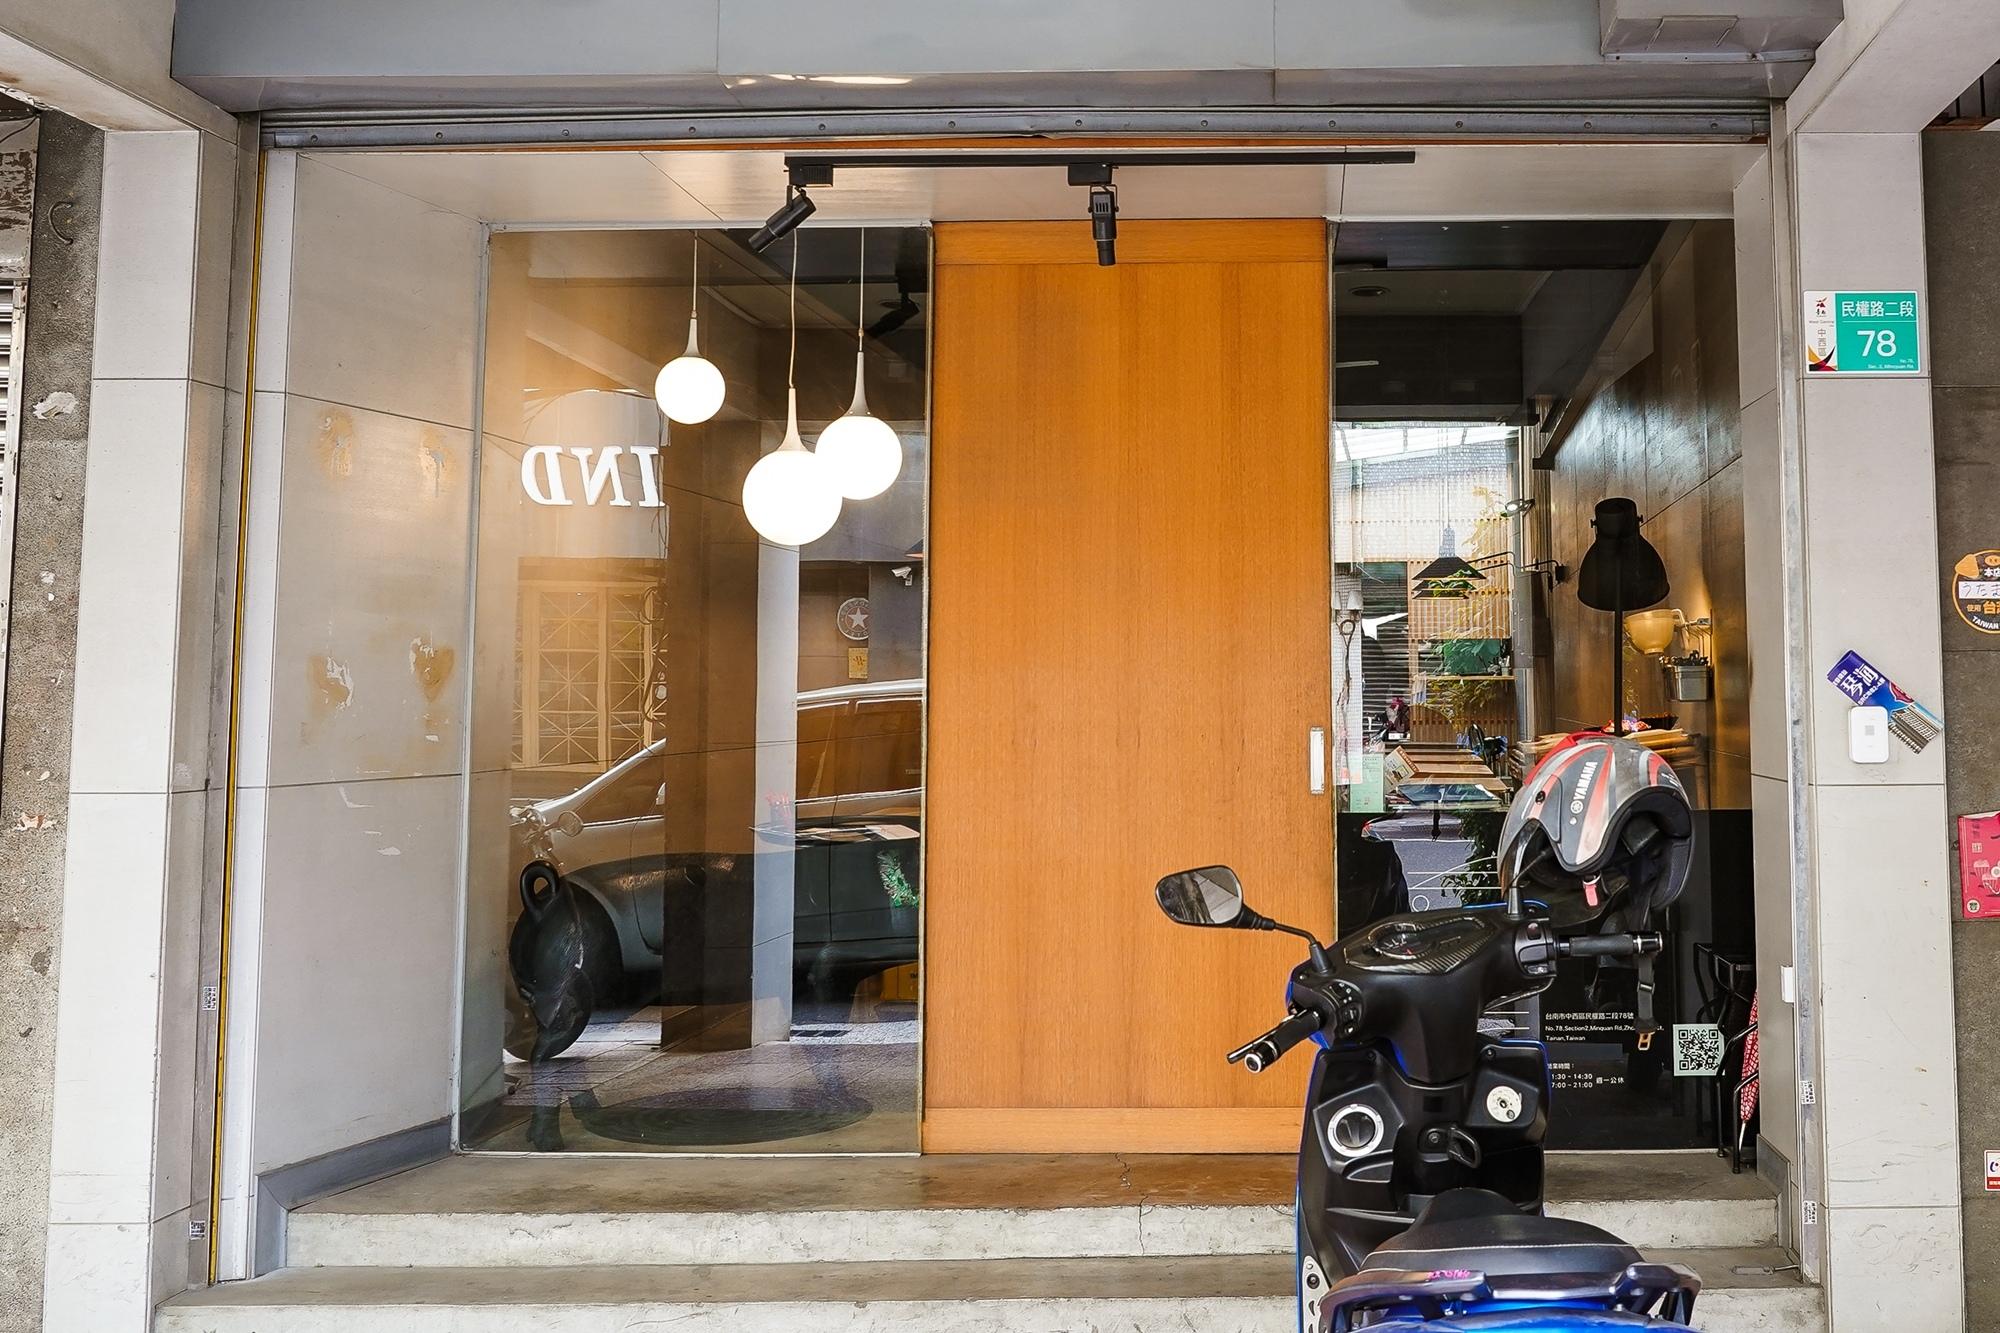 台南中西區美食 東城麵家 結合hiphop與街頭文化的潮流麵店2.jpg